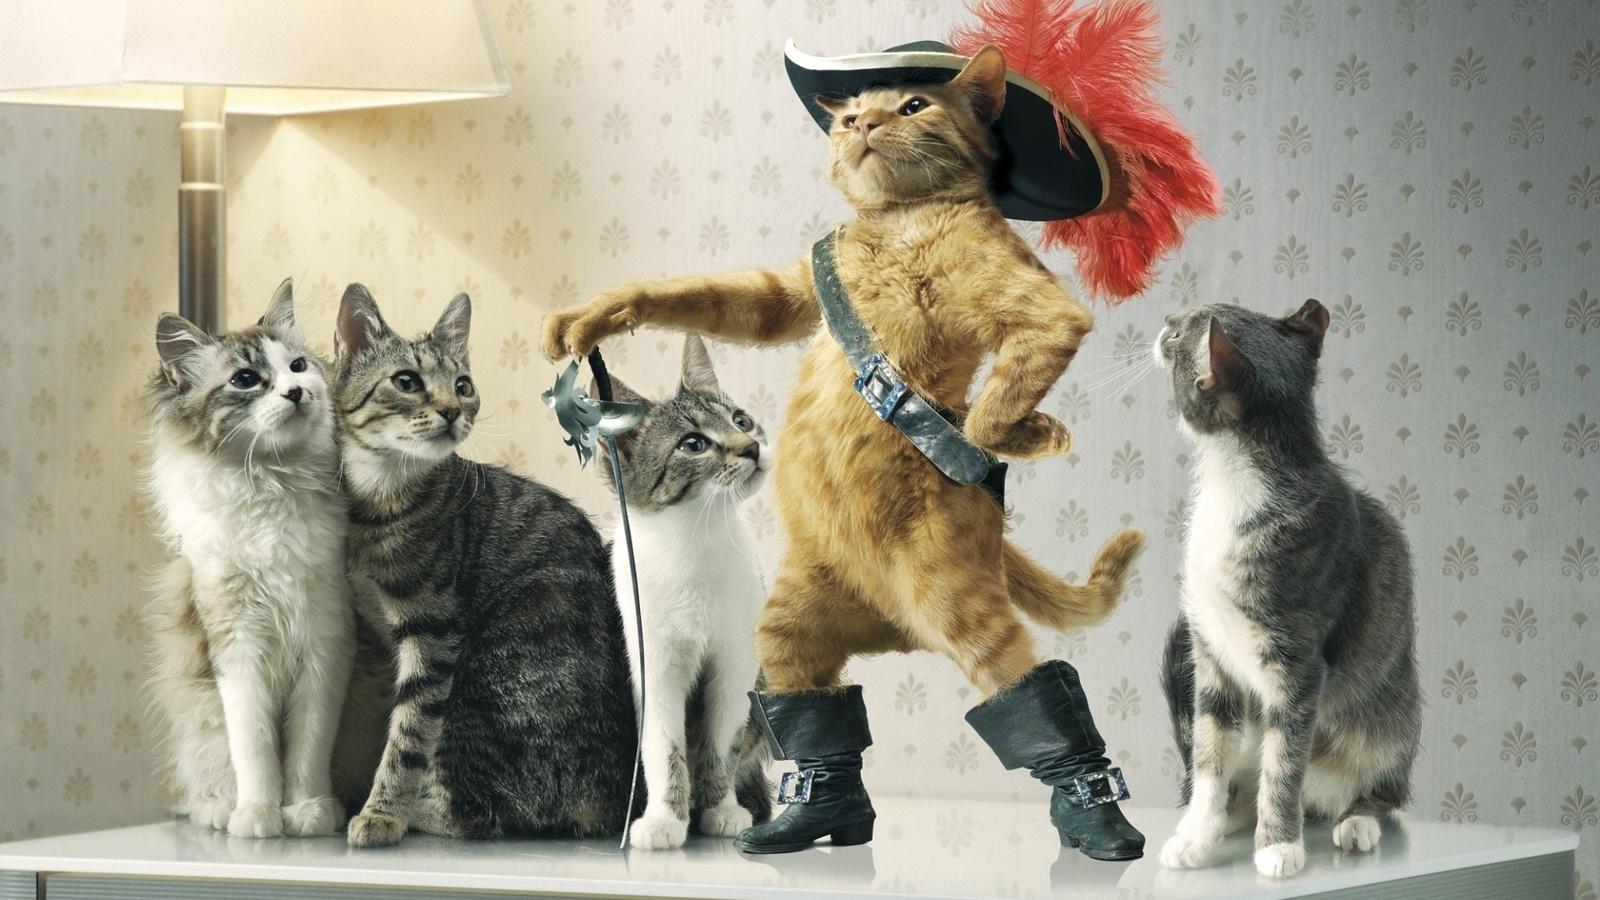 только коты приколисты картинки простой открытке иногда